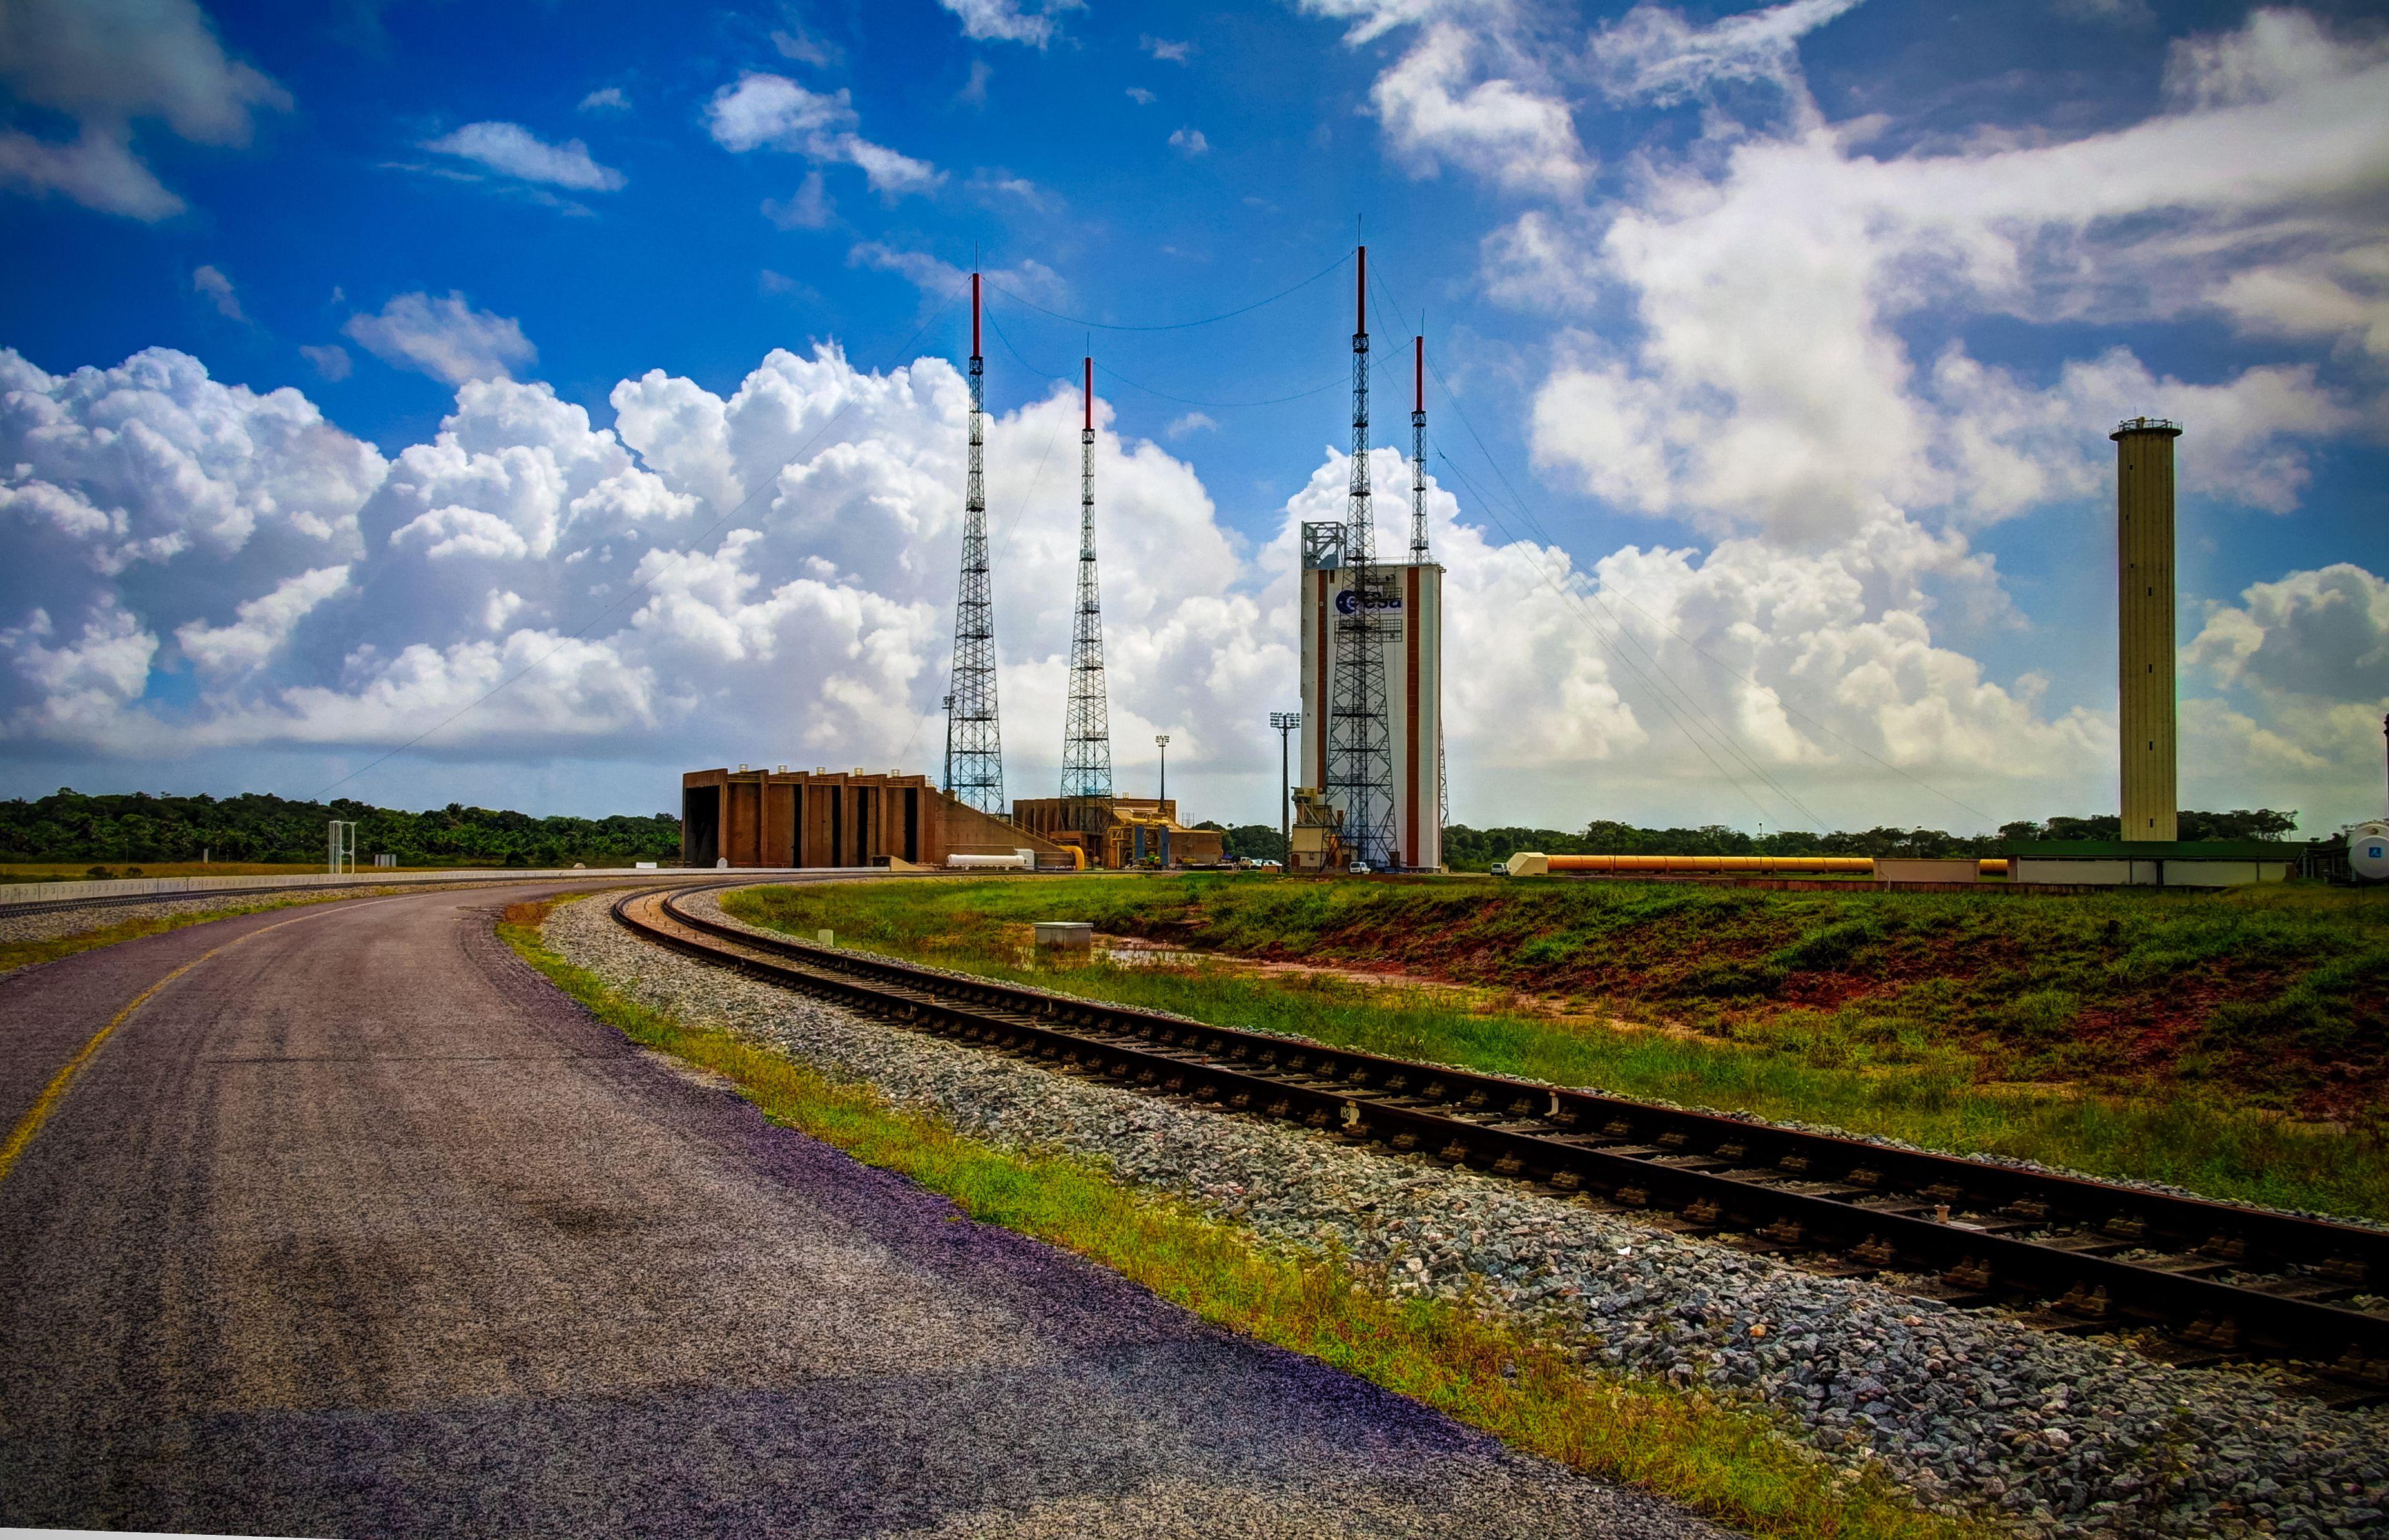 Guiana Space Centre, Kourou, French Guiana